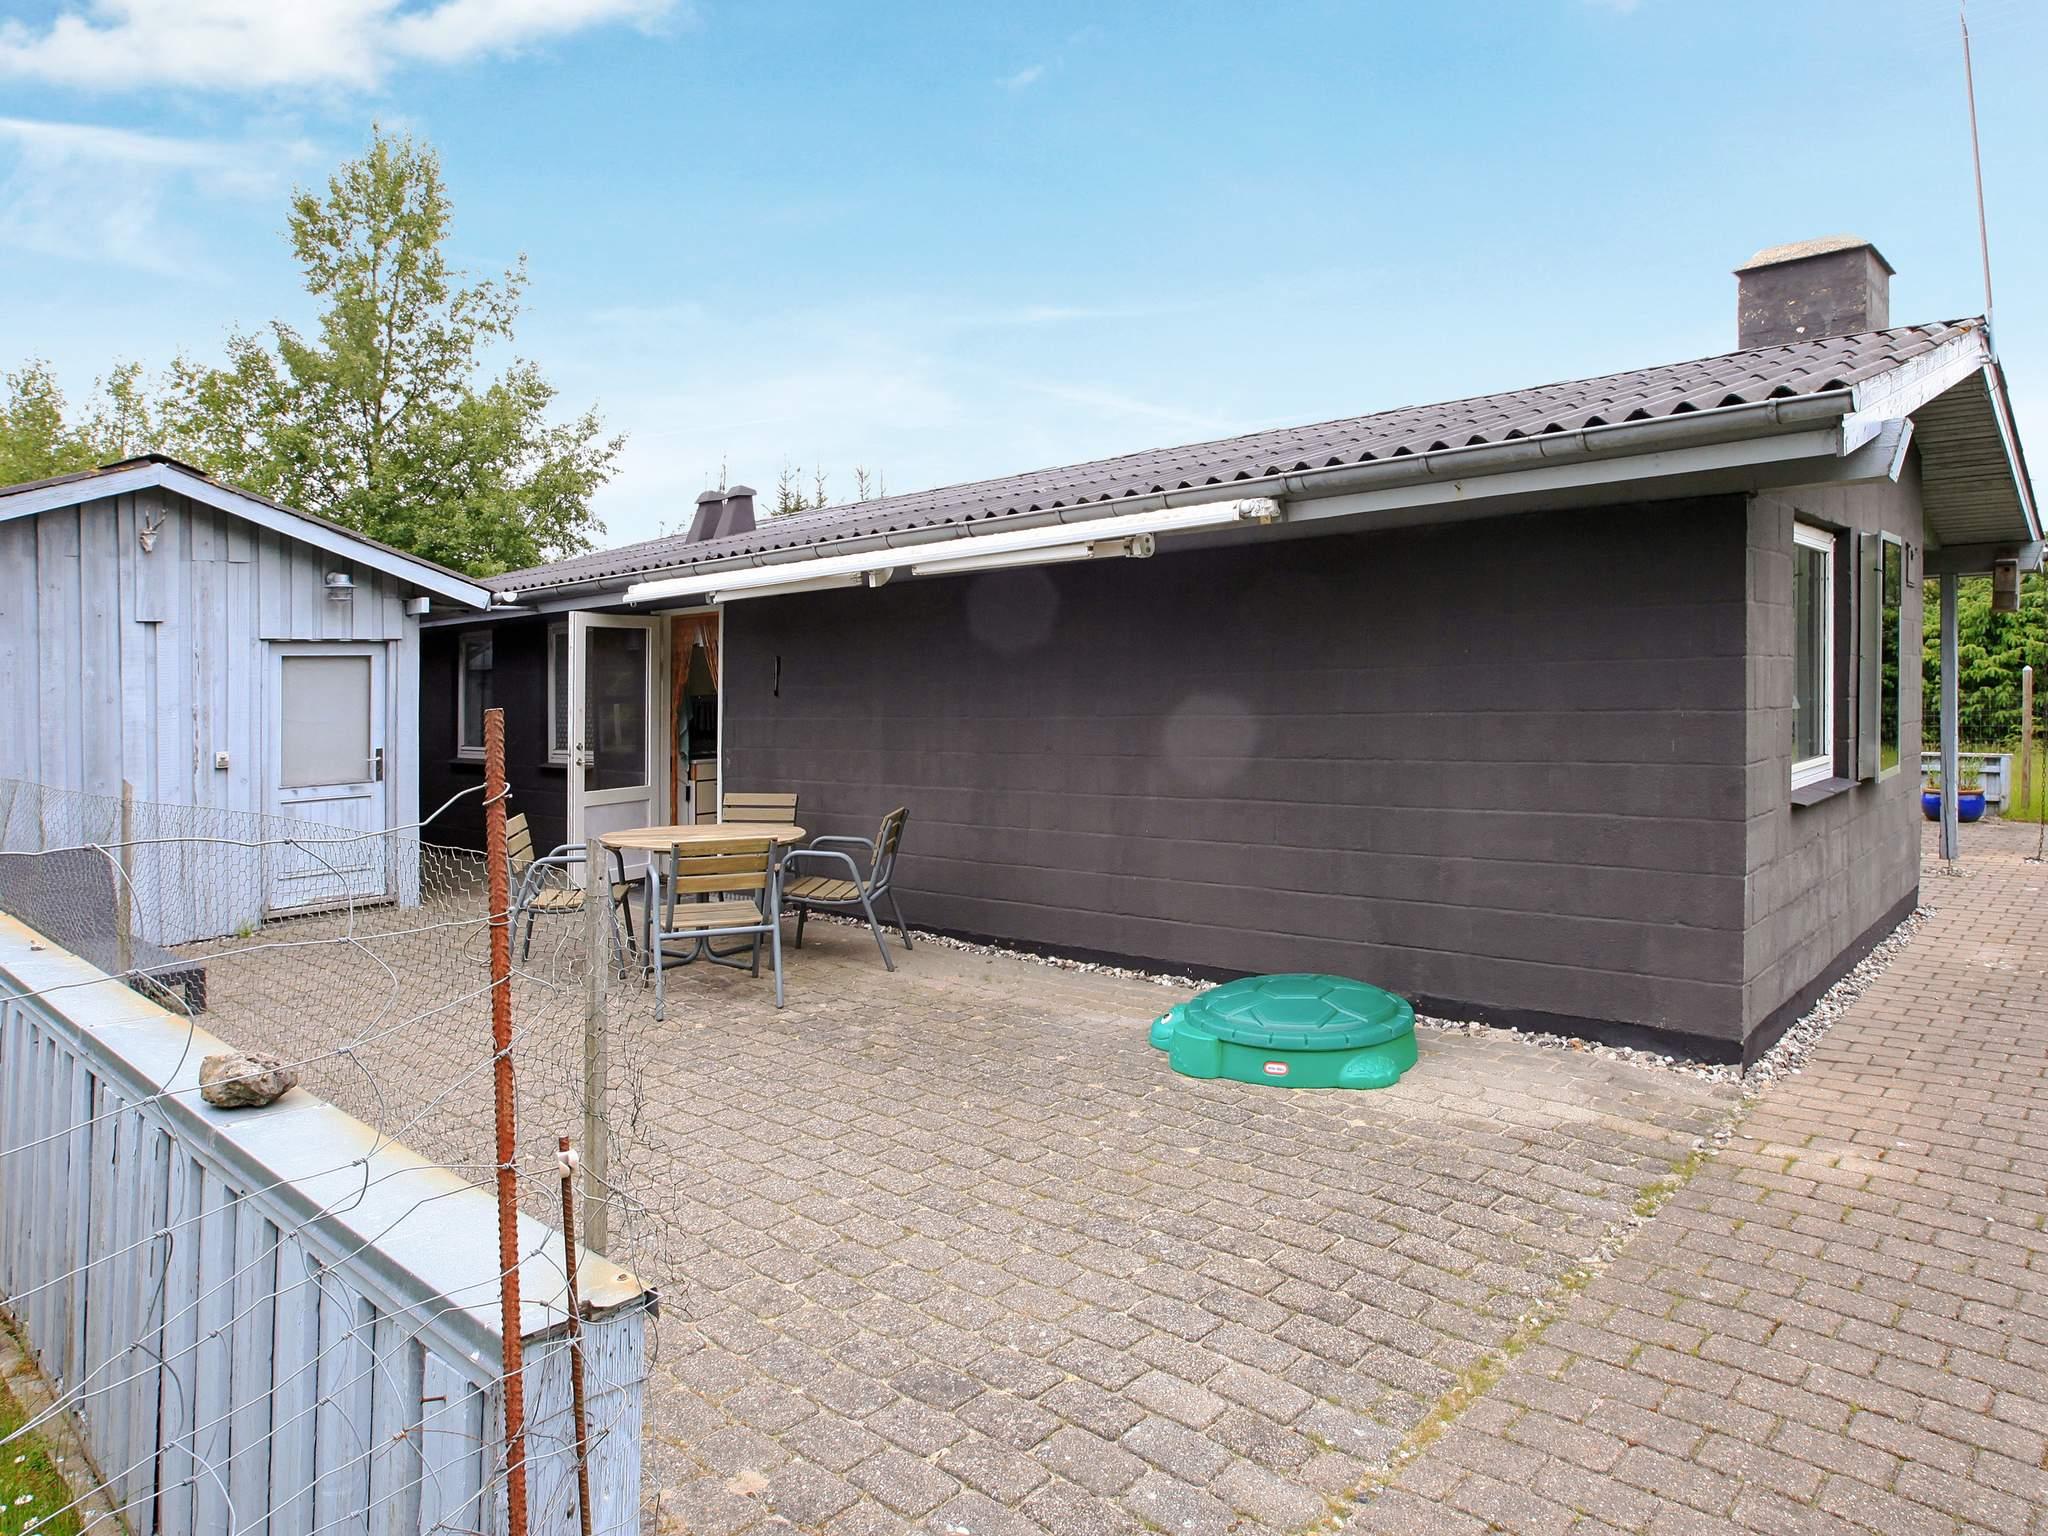 Ferienhaus Hals/Koldkær (359577), Hals, , Nordostjütland, Dänemark, Bild 16